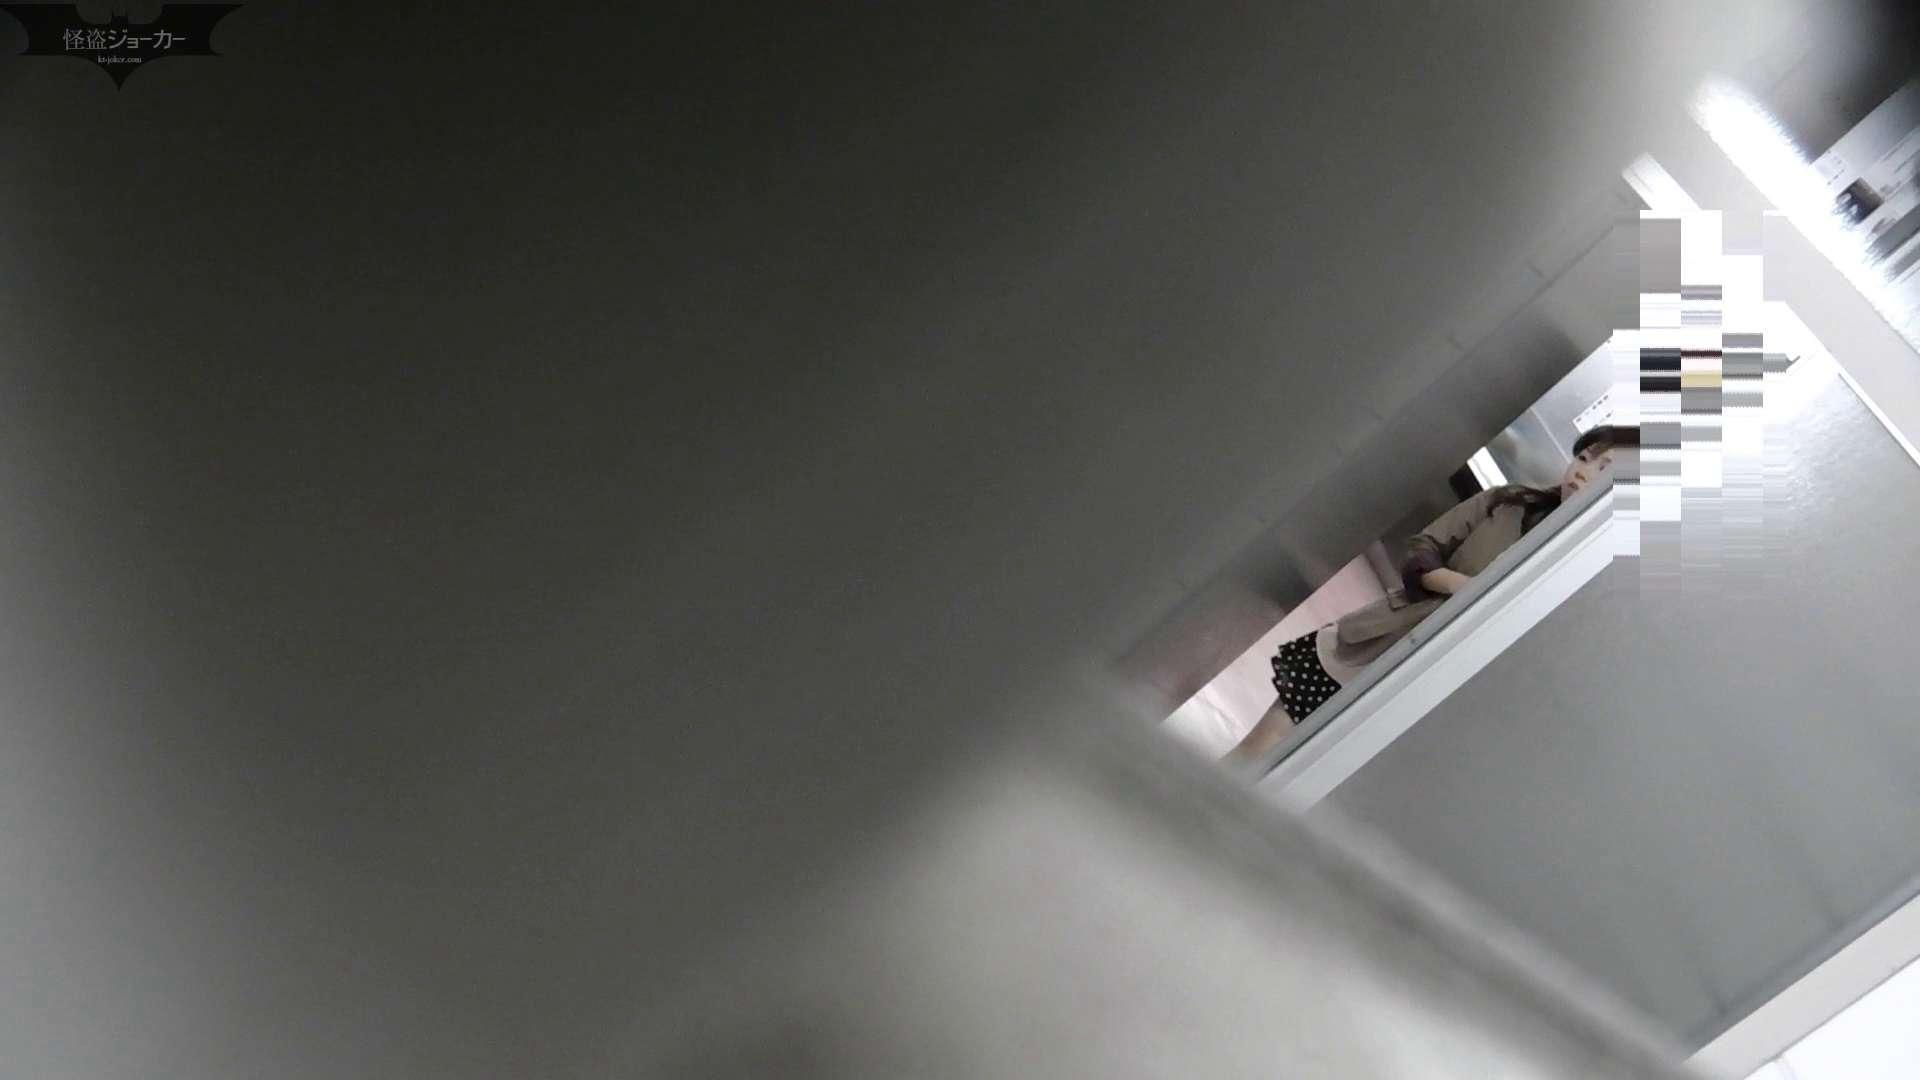 【美しき個室な世界】洗面所特攻隊 vol.046 更に進化【2015・07位】 洗面所  66pic 8